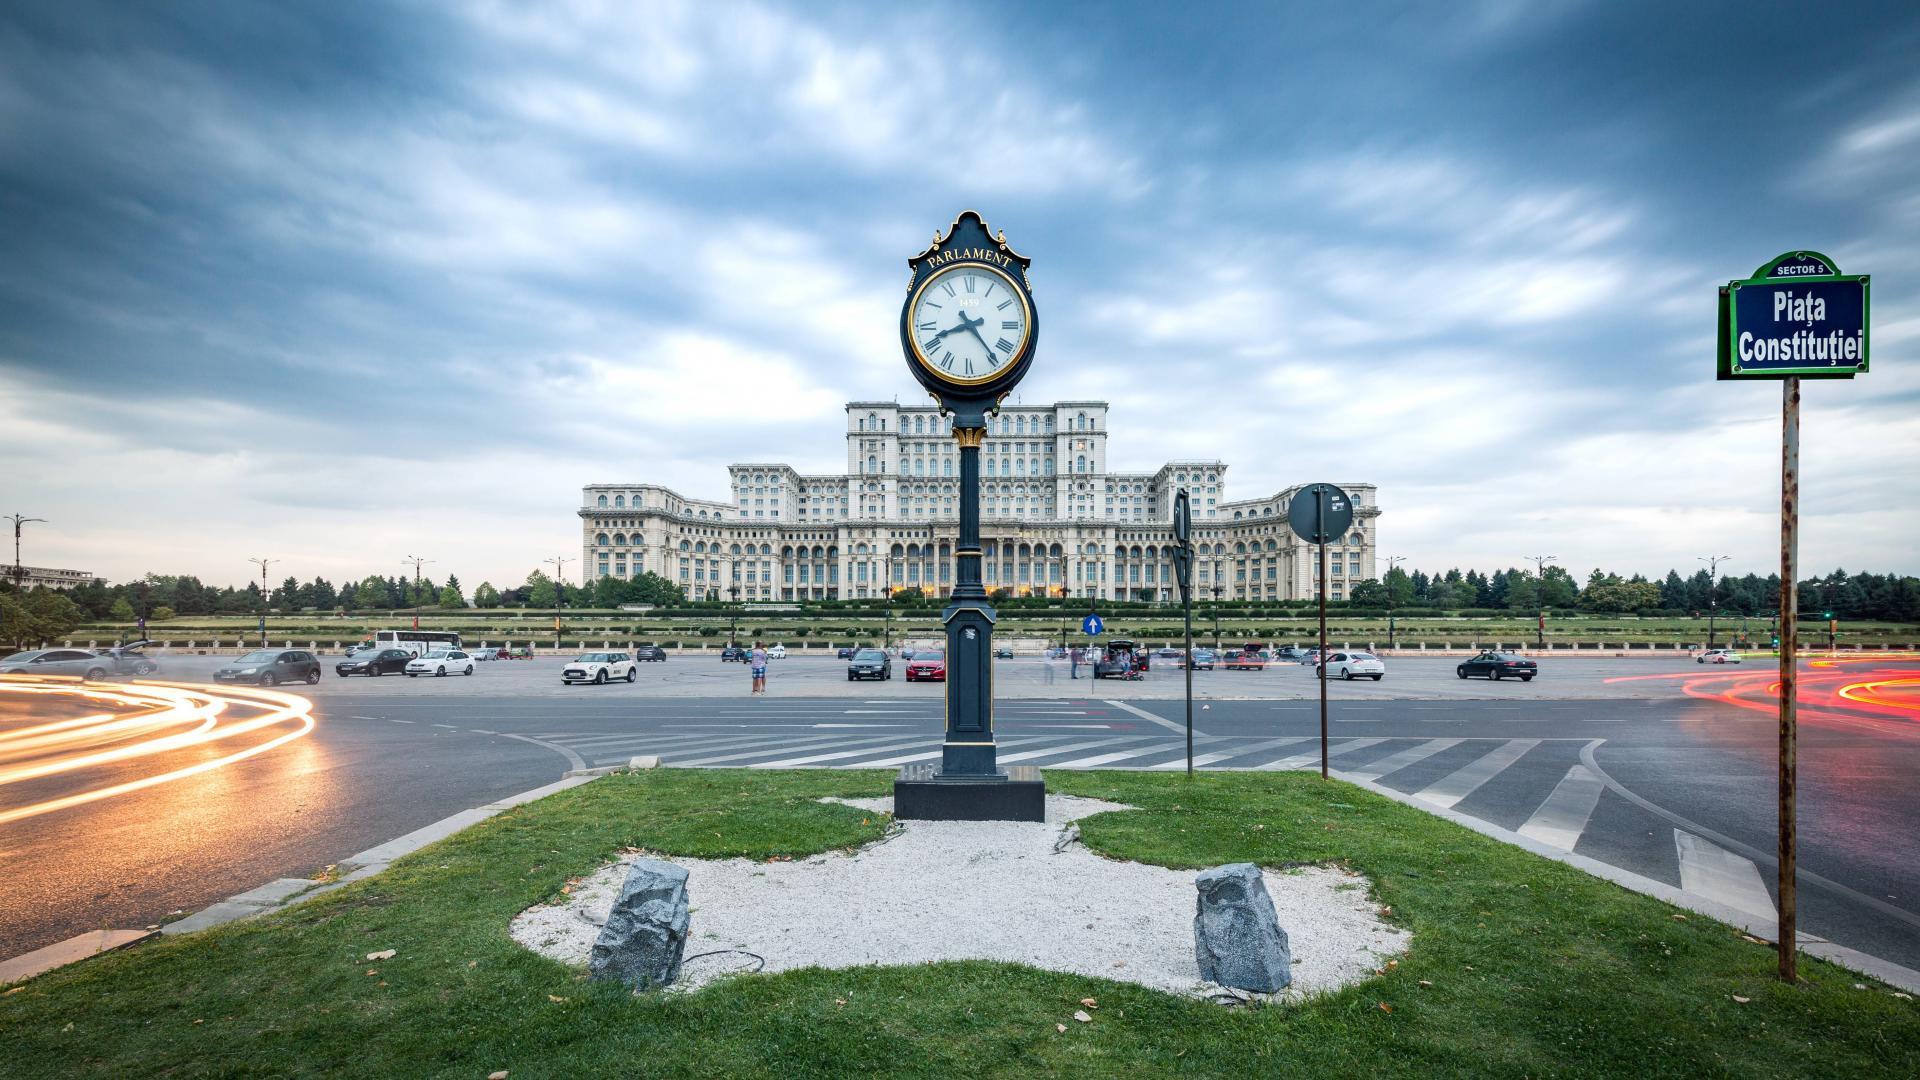 Bild des Parlaments in Bukarest